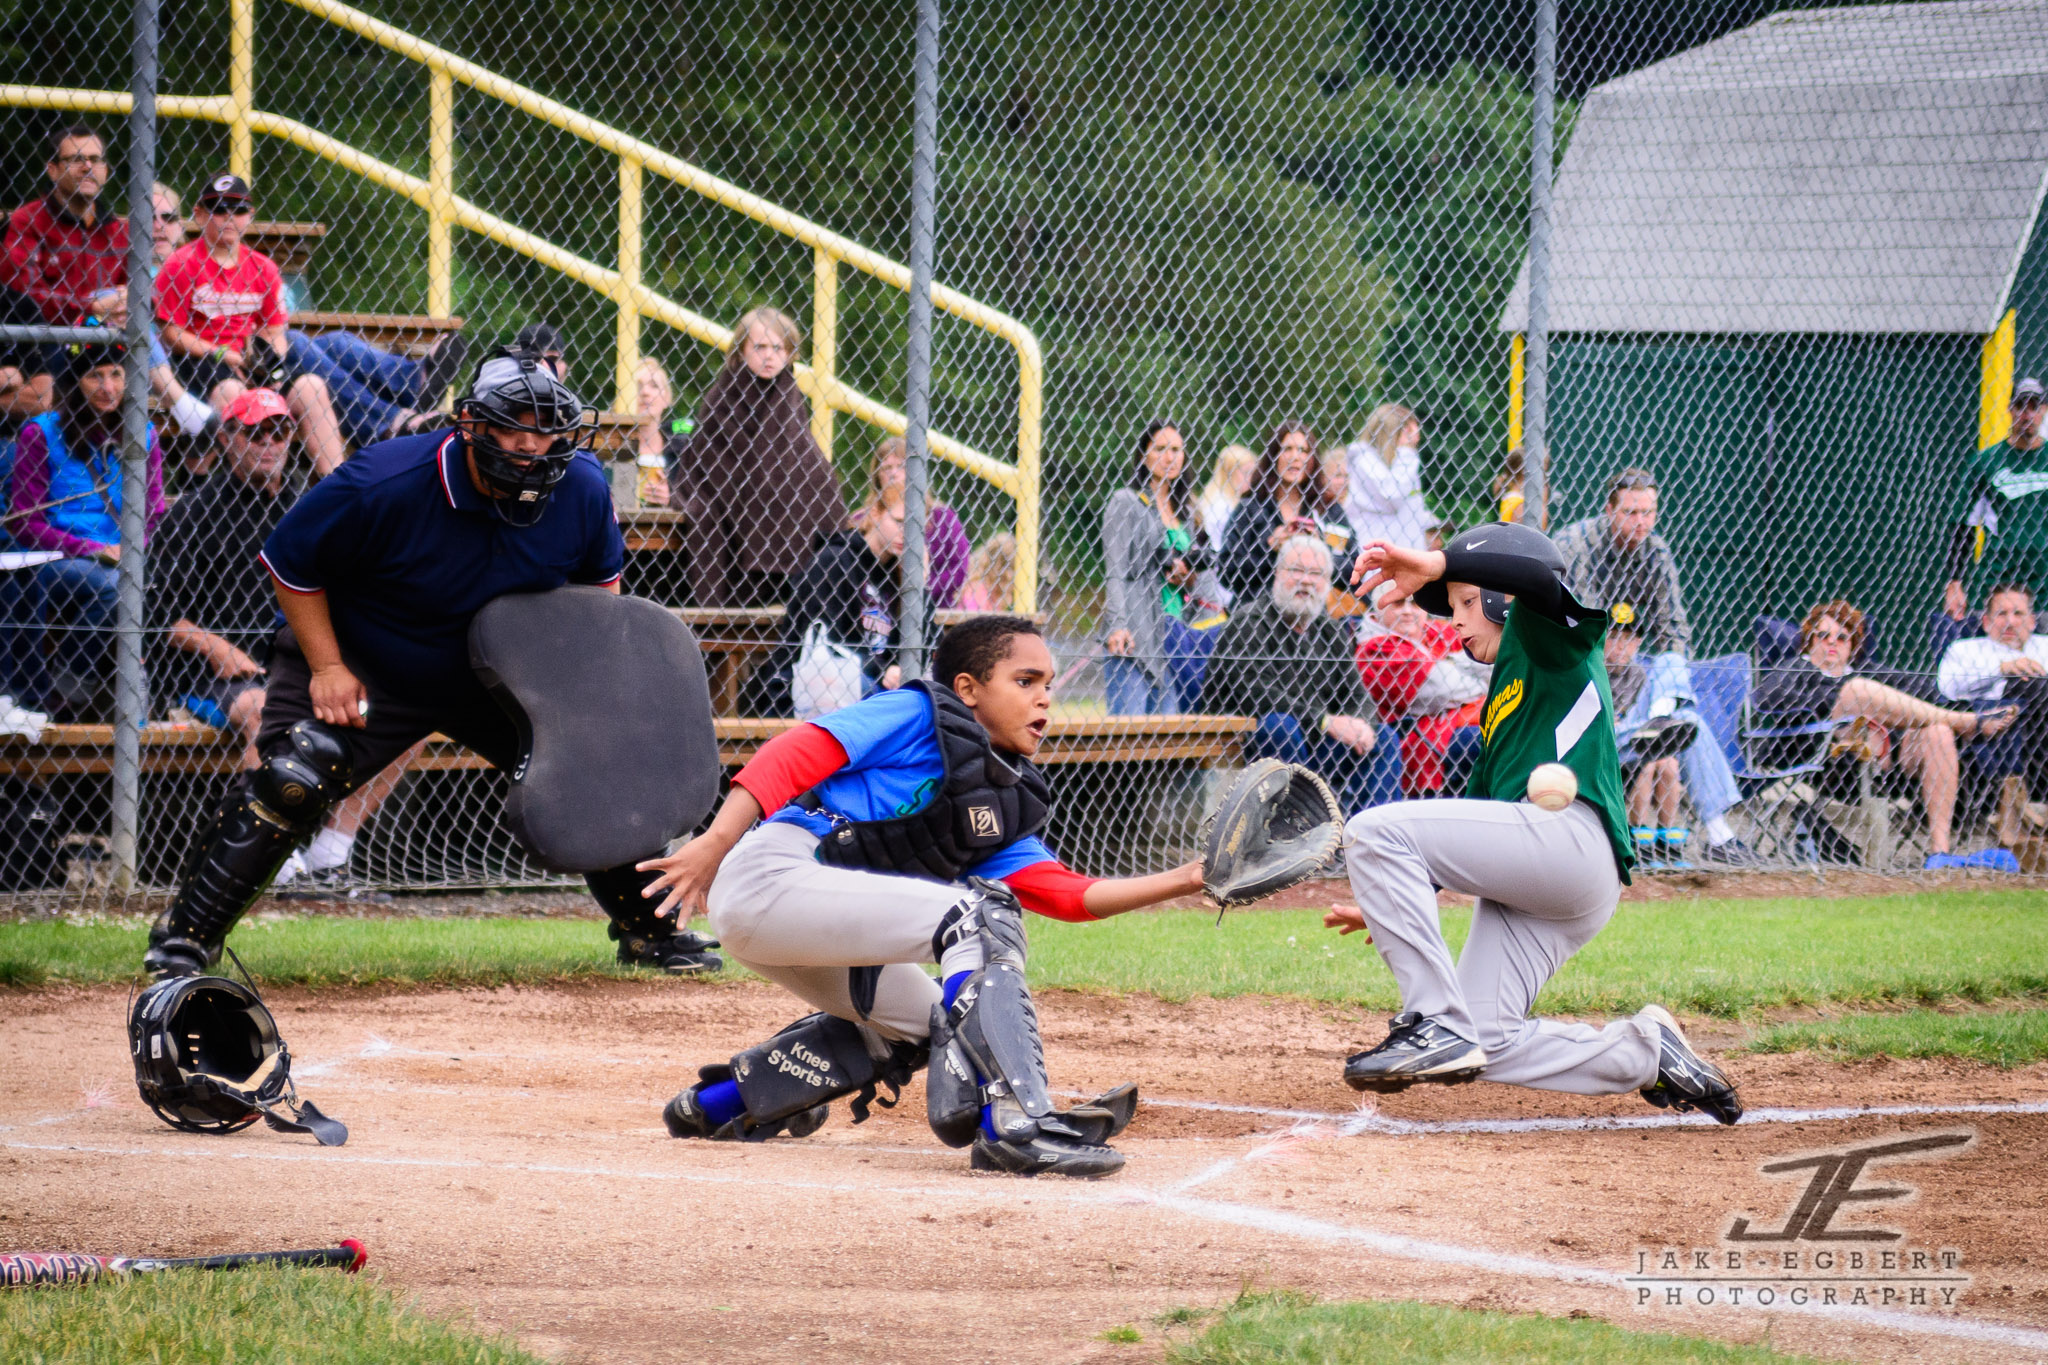 2014-06-14 - CLL Majors Green Sox vs. Portland/Powell Bandits 0